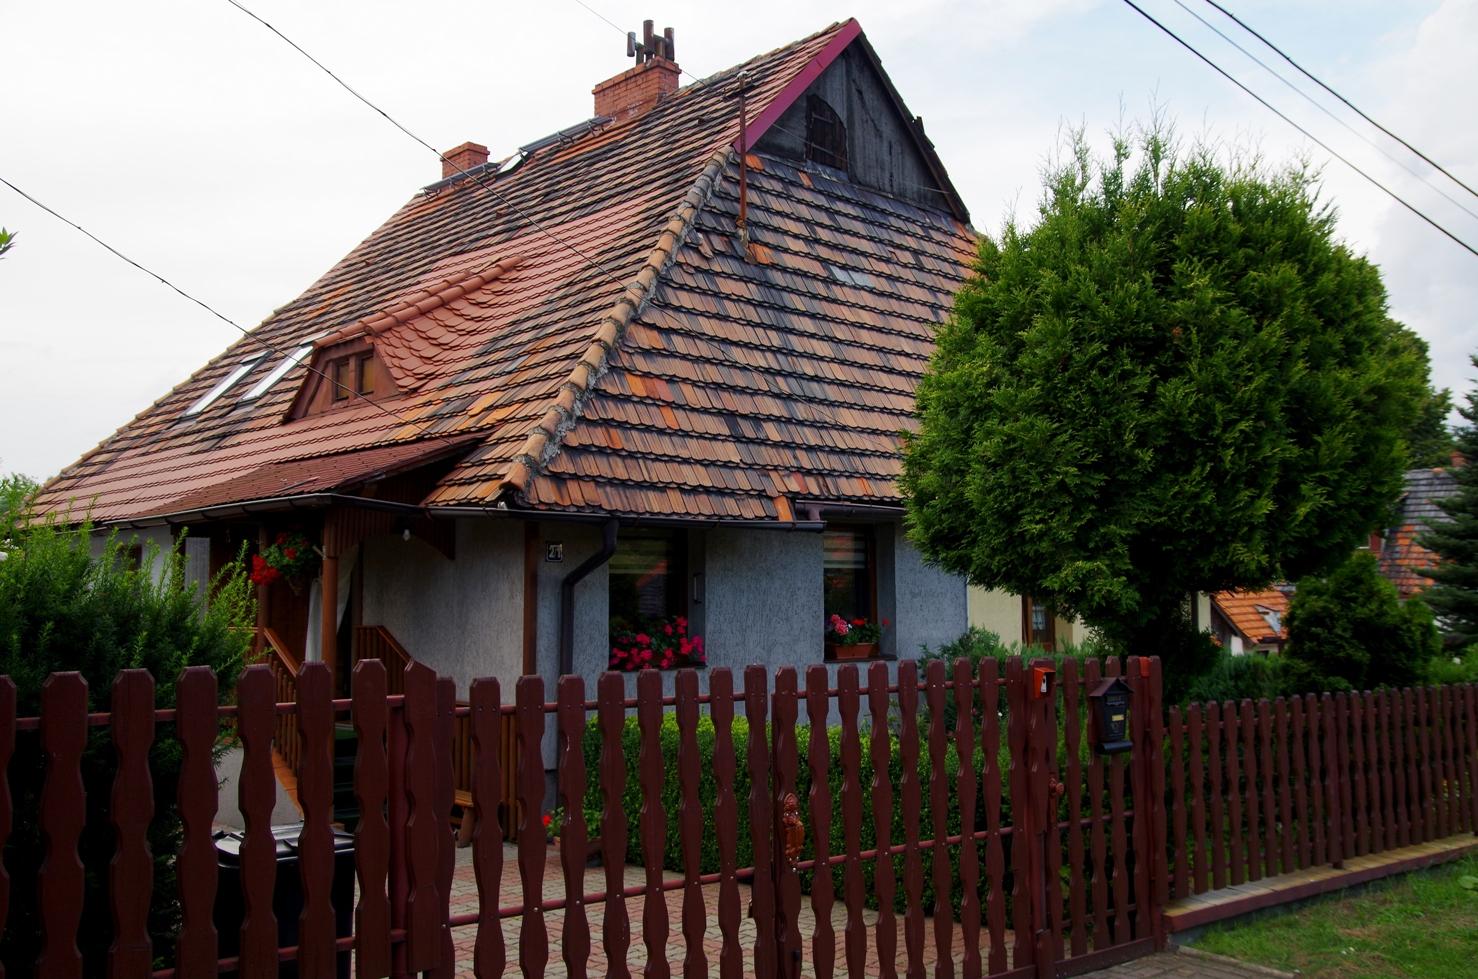 Jak poznać swoje miasto - Giszowiec - czerwone dachówki